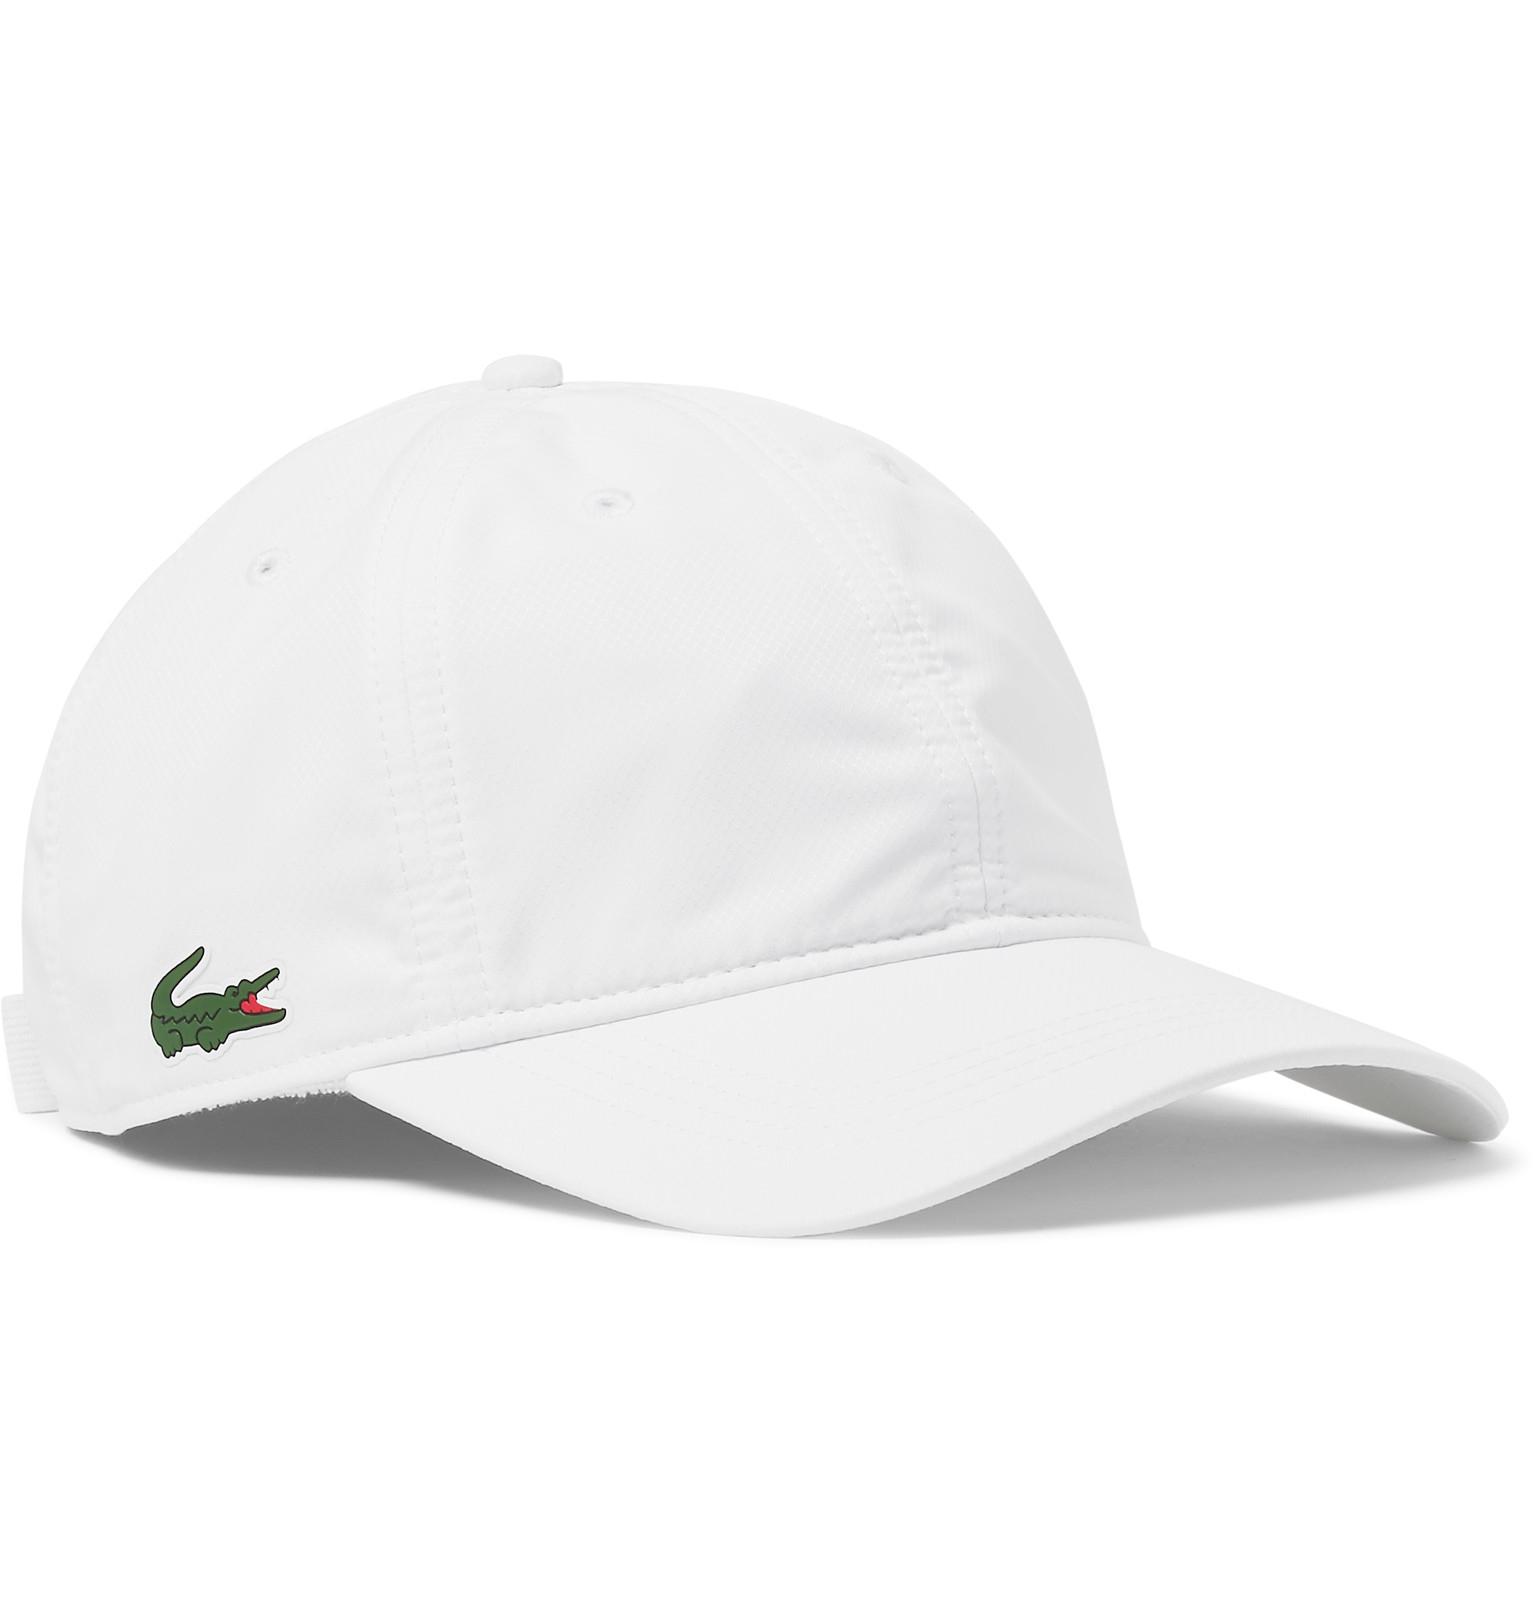 Lacoste Sport Piqué Baseball Cap in White for Men - Lyst 3020d4e0105